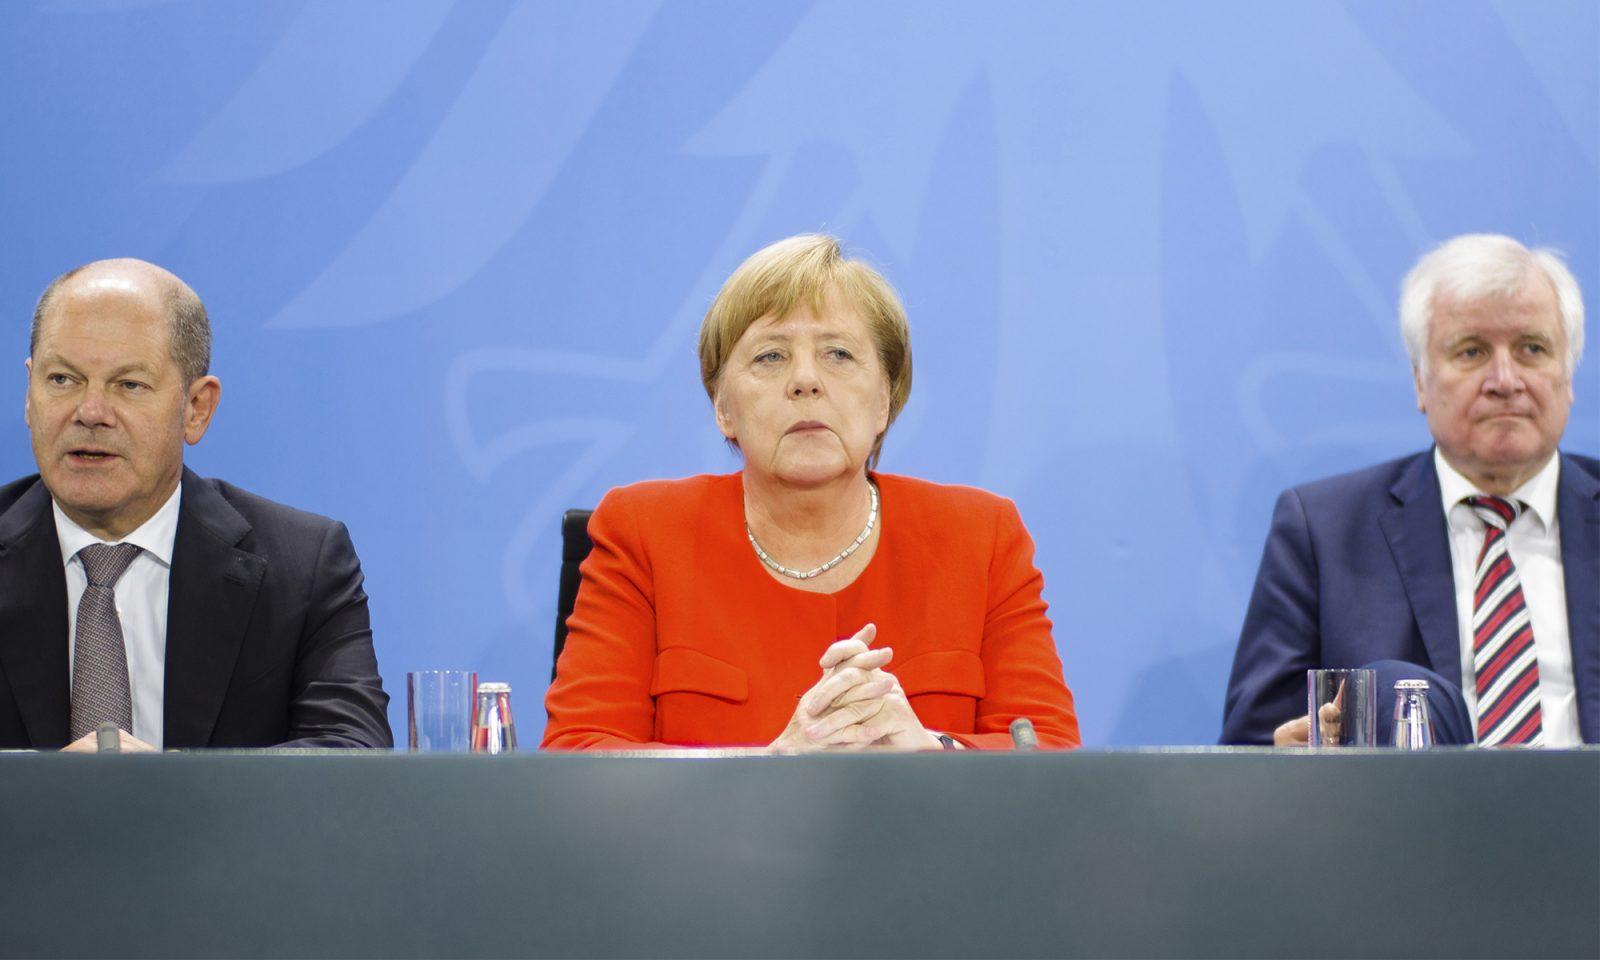 Vizekanzle Olaf Scholz (SPD), Kanzlerin Angela Merkel (CDU) und Innenminister Horst Seehofer (CSU)